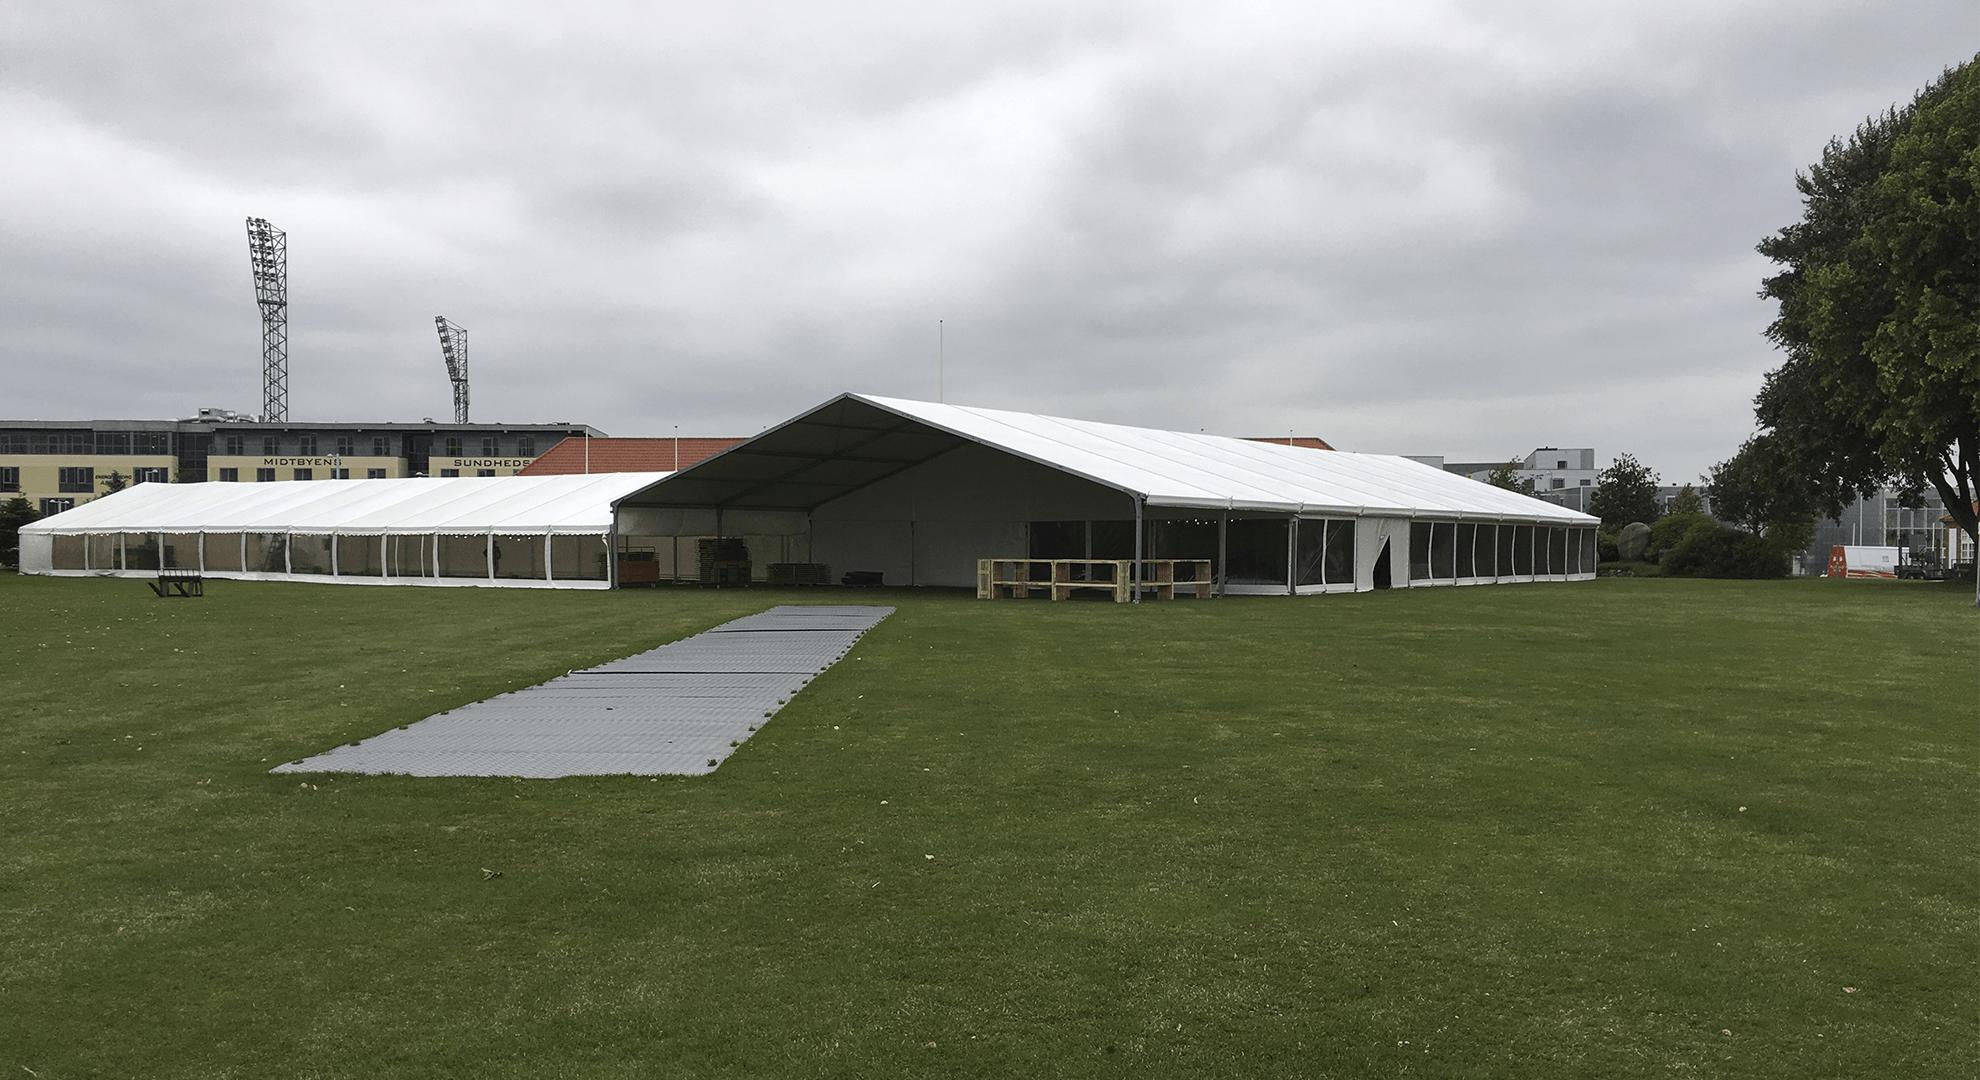 stort telt telt 15 m telt 20 m kæmpetelt galleri